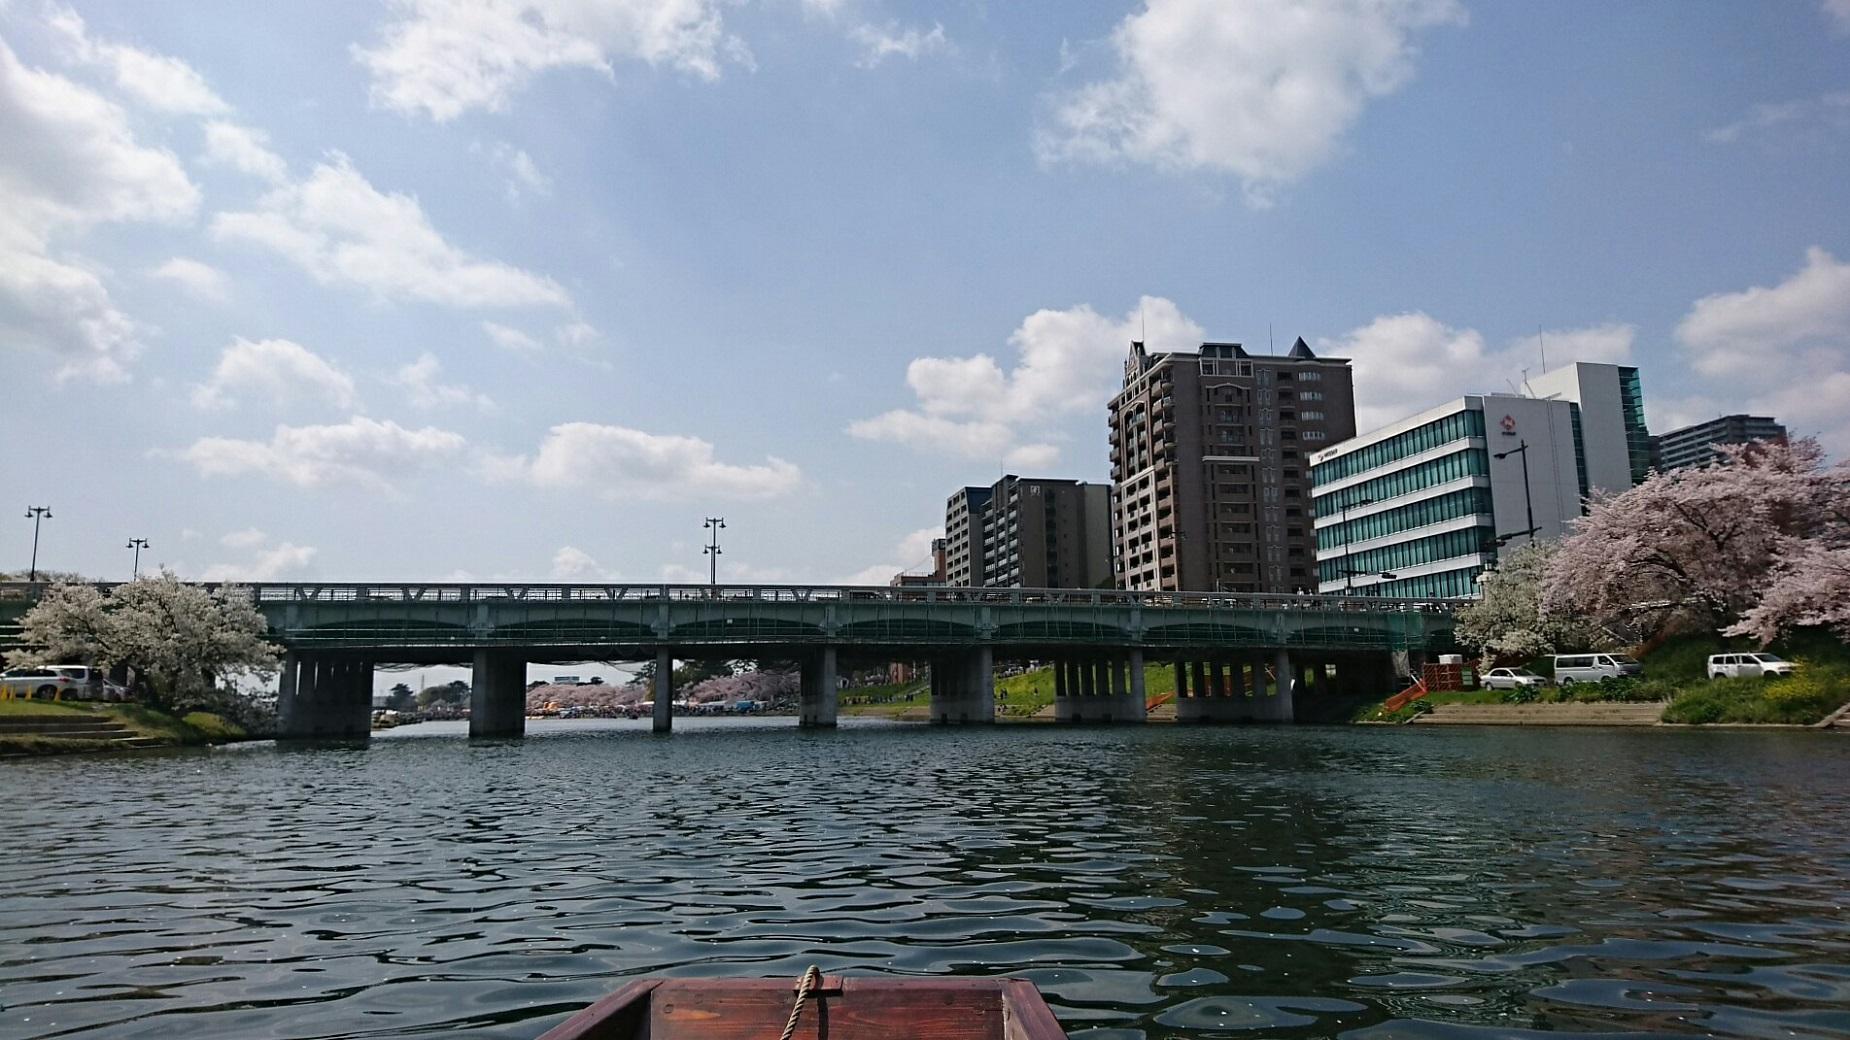 2018.3.31 岡崎ふなあそび (11) くだり - 殿橋 1850-1040